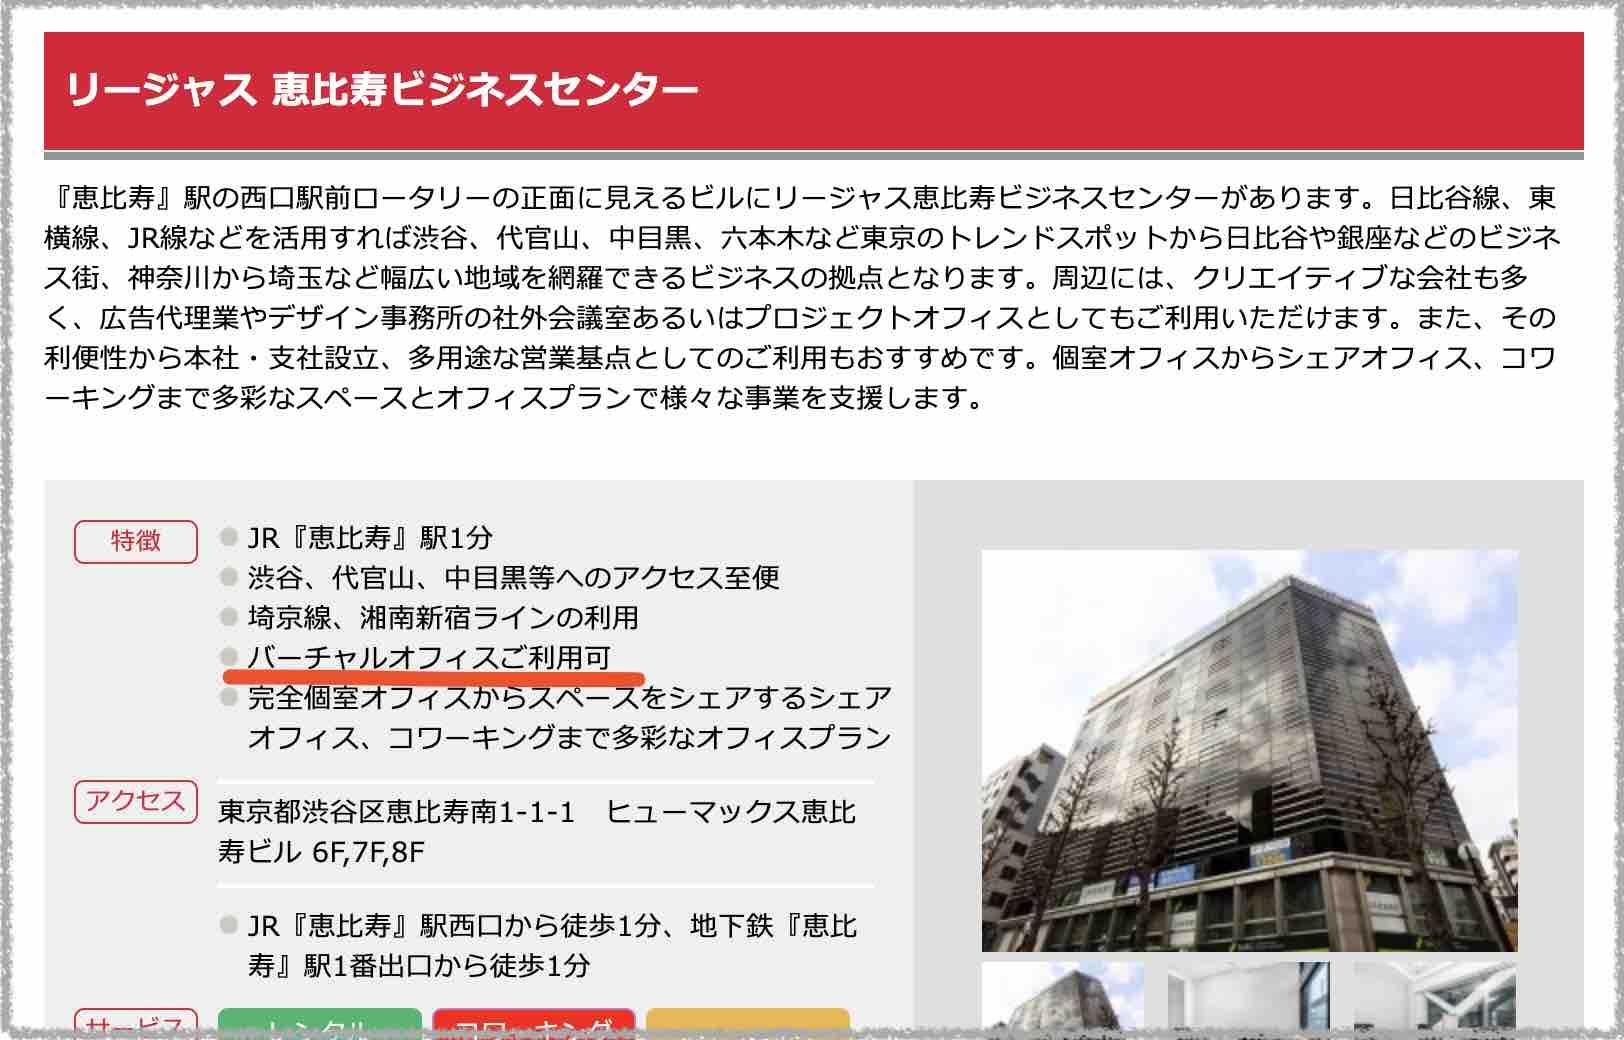 競艇サラリーマンという競艇予想サイト(ボートレース予想サイト)のオフィスはバーチャルオフィスだろう